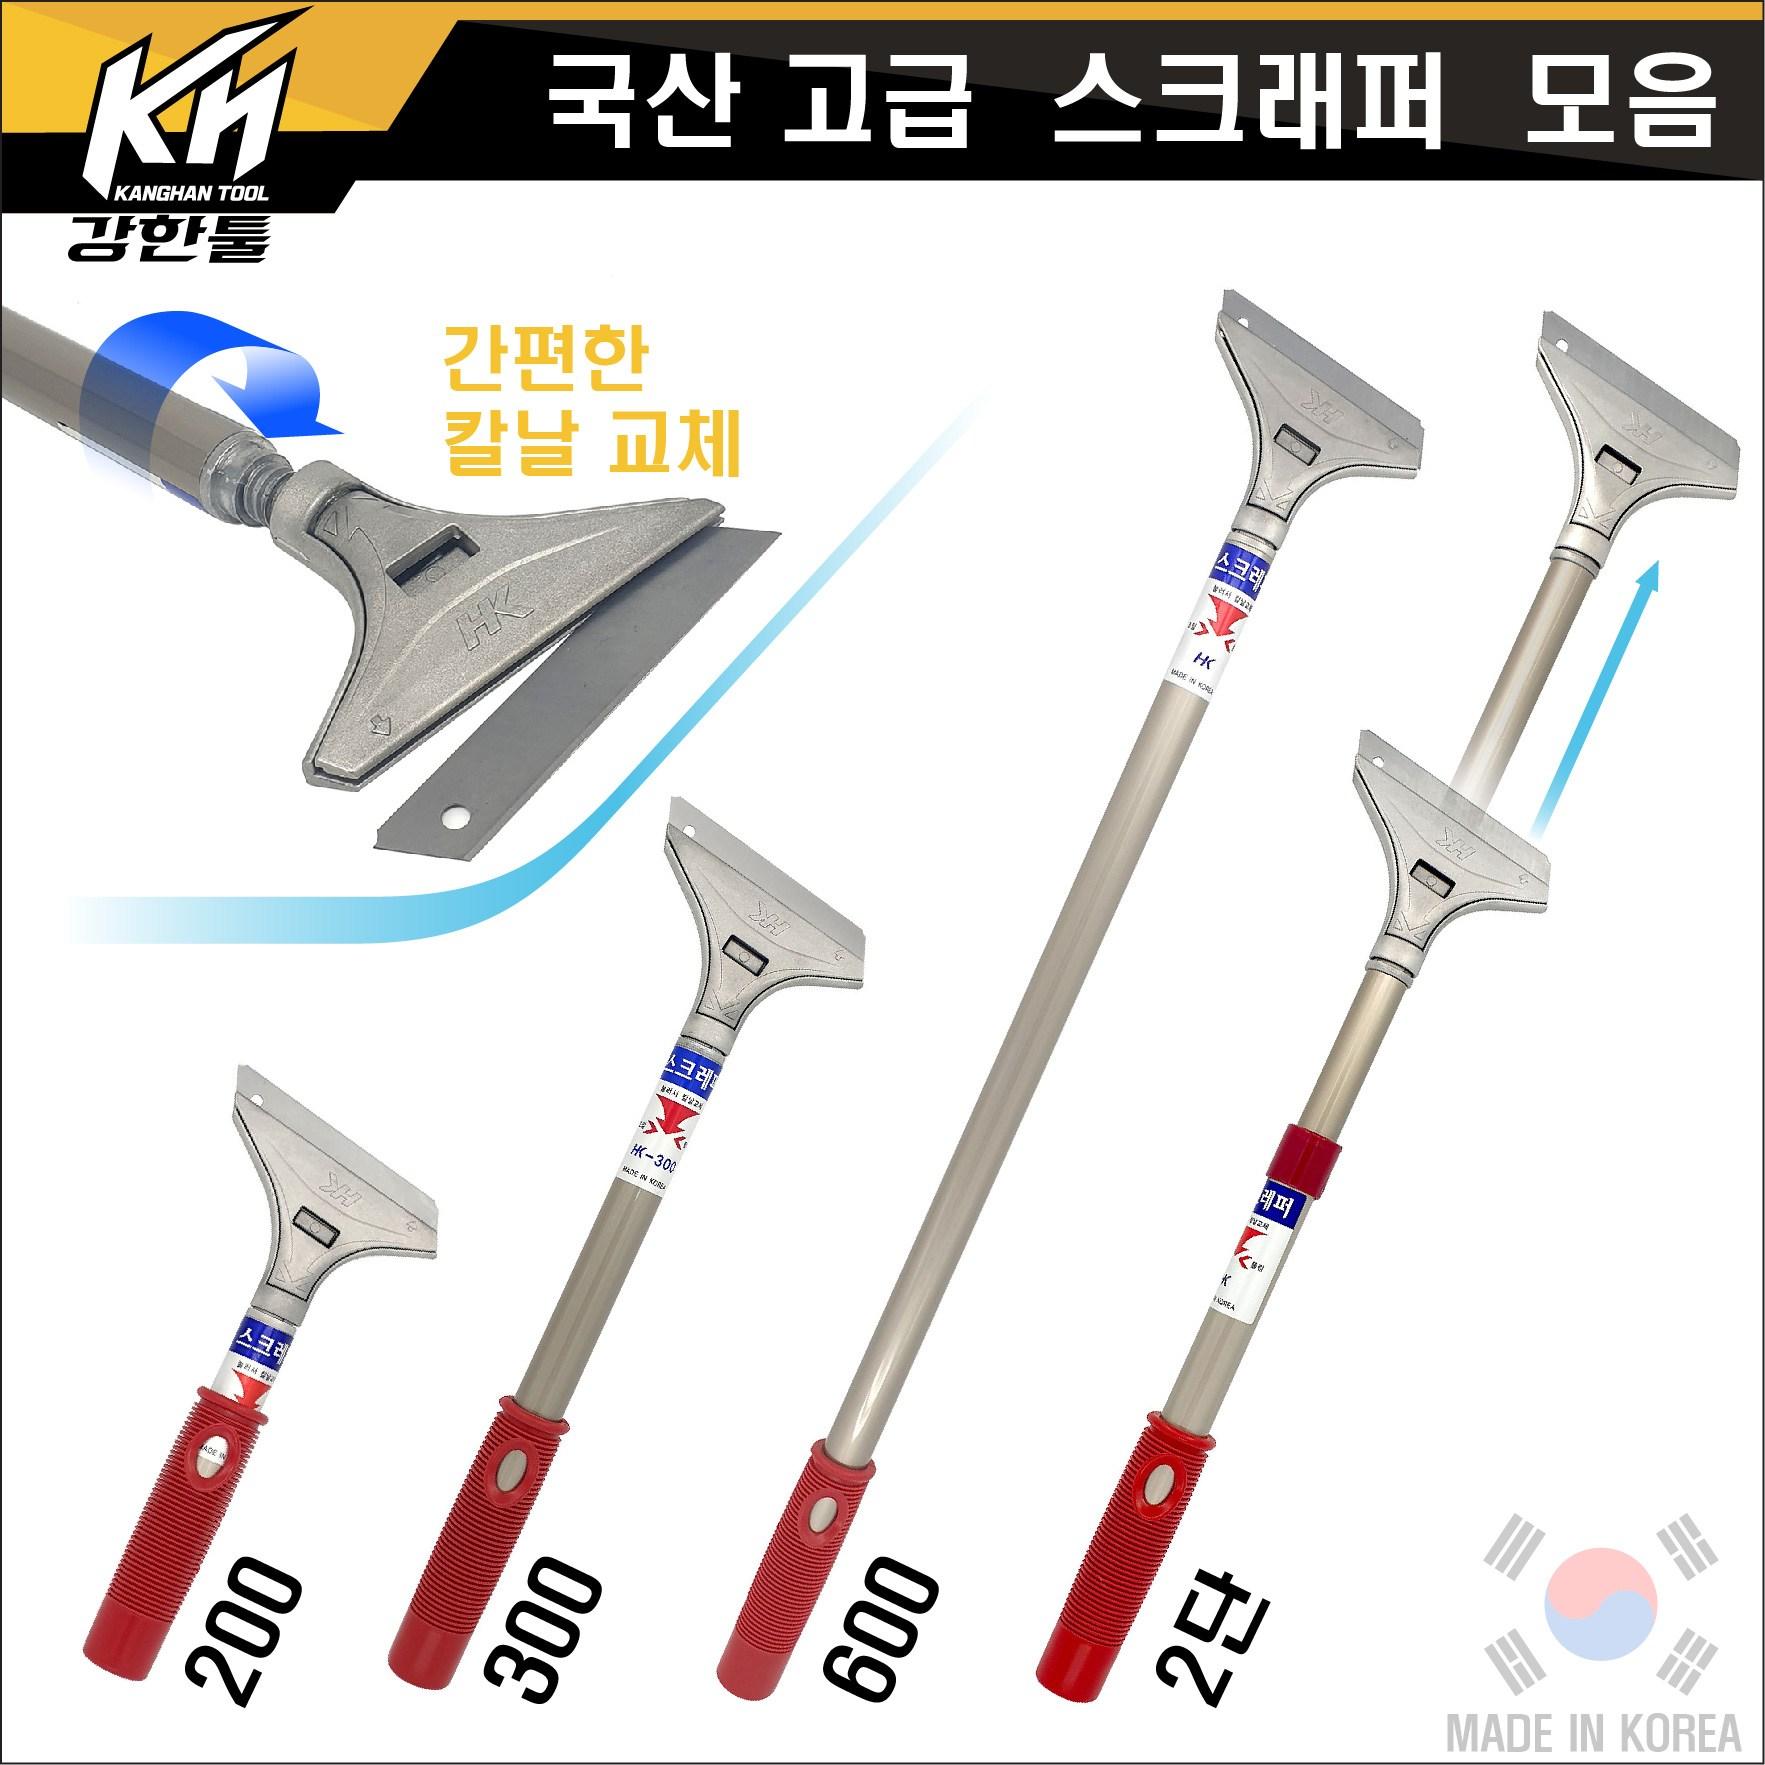 국산 스크래퍼 헤라 모음 벽지제거 스티커제거 껌제거 다용도, 스크래퍼200